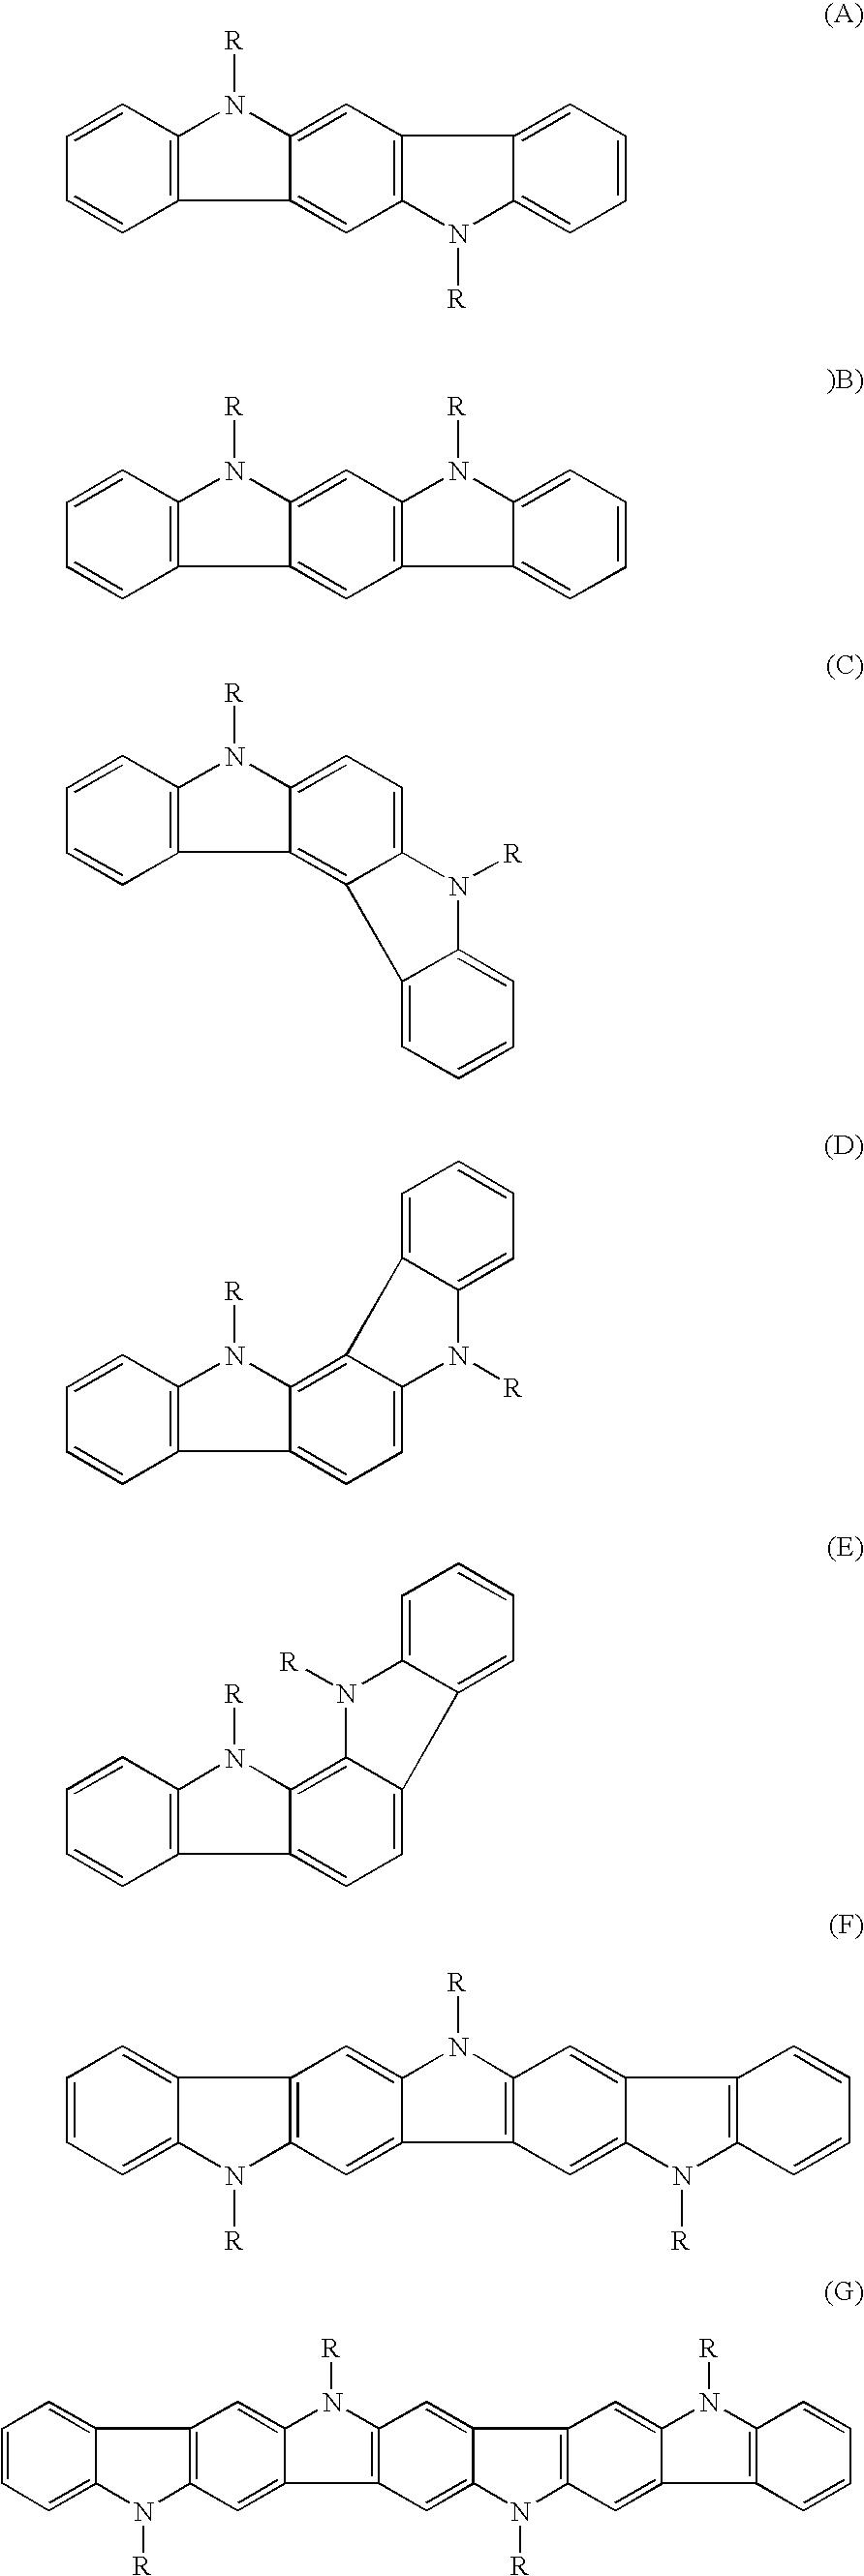 Figure US07456424-20081125-C00008